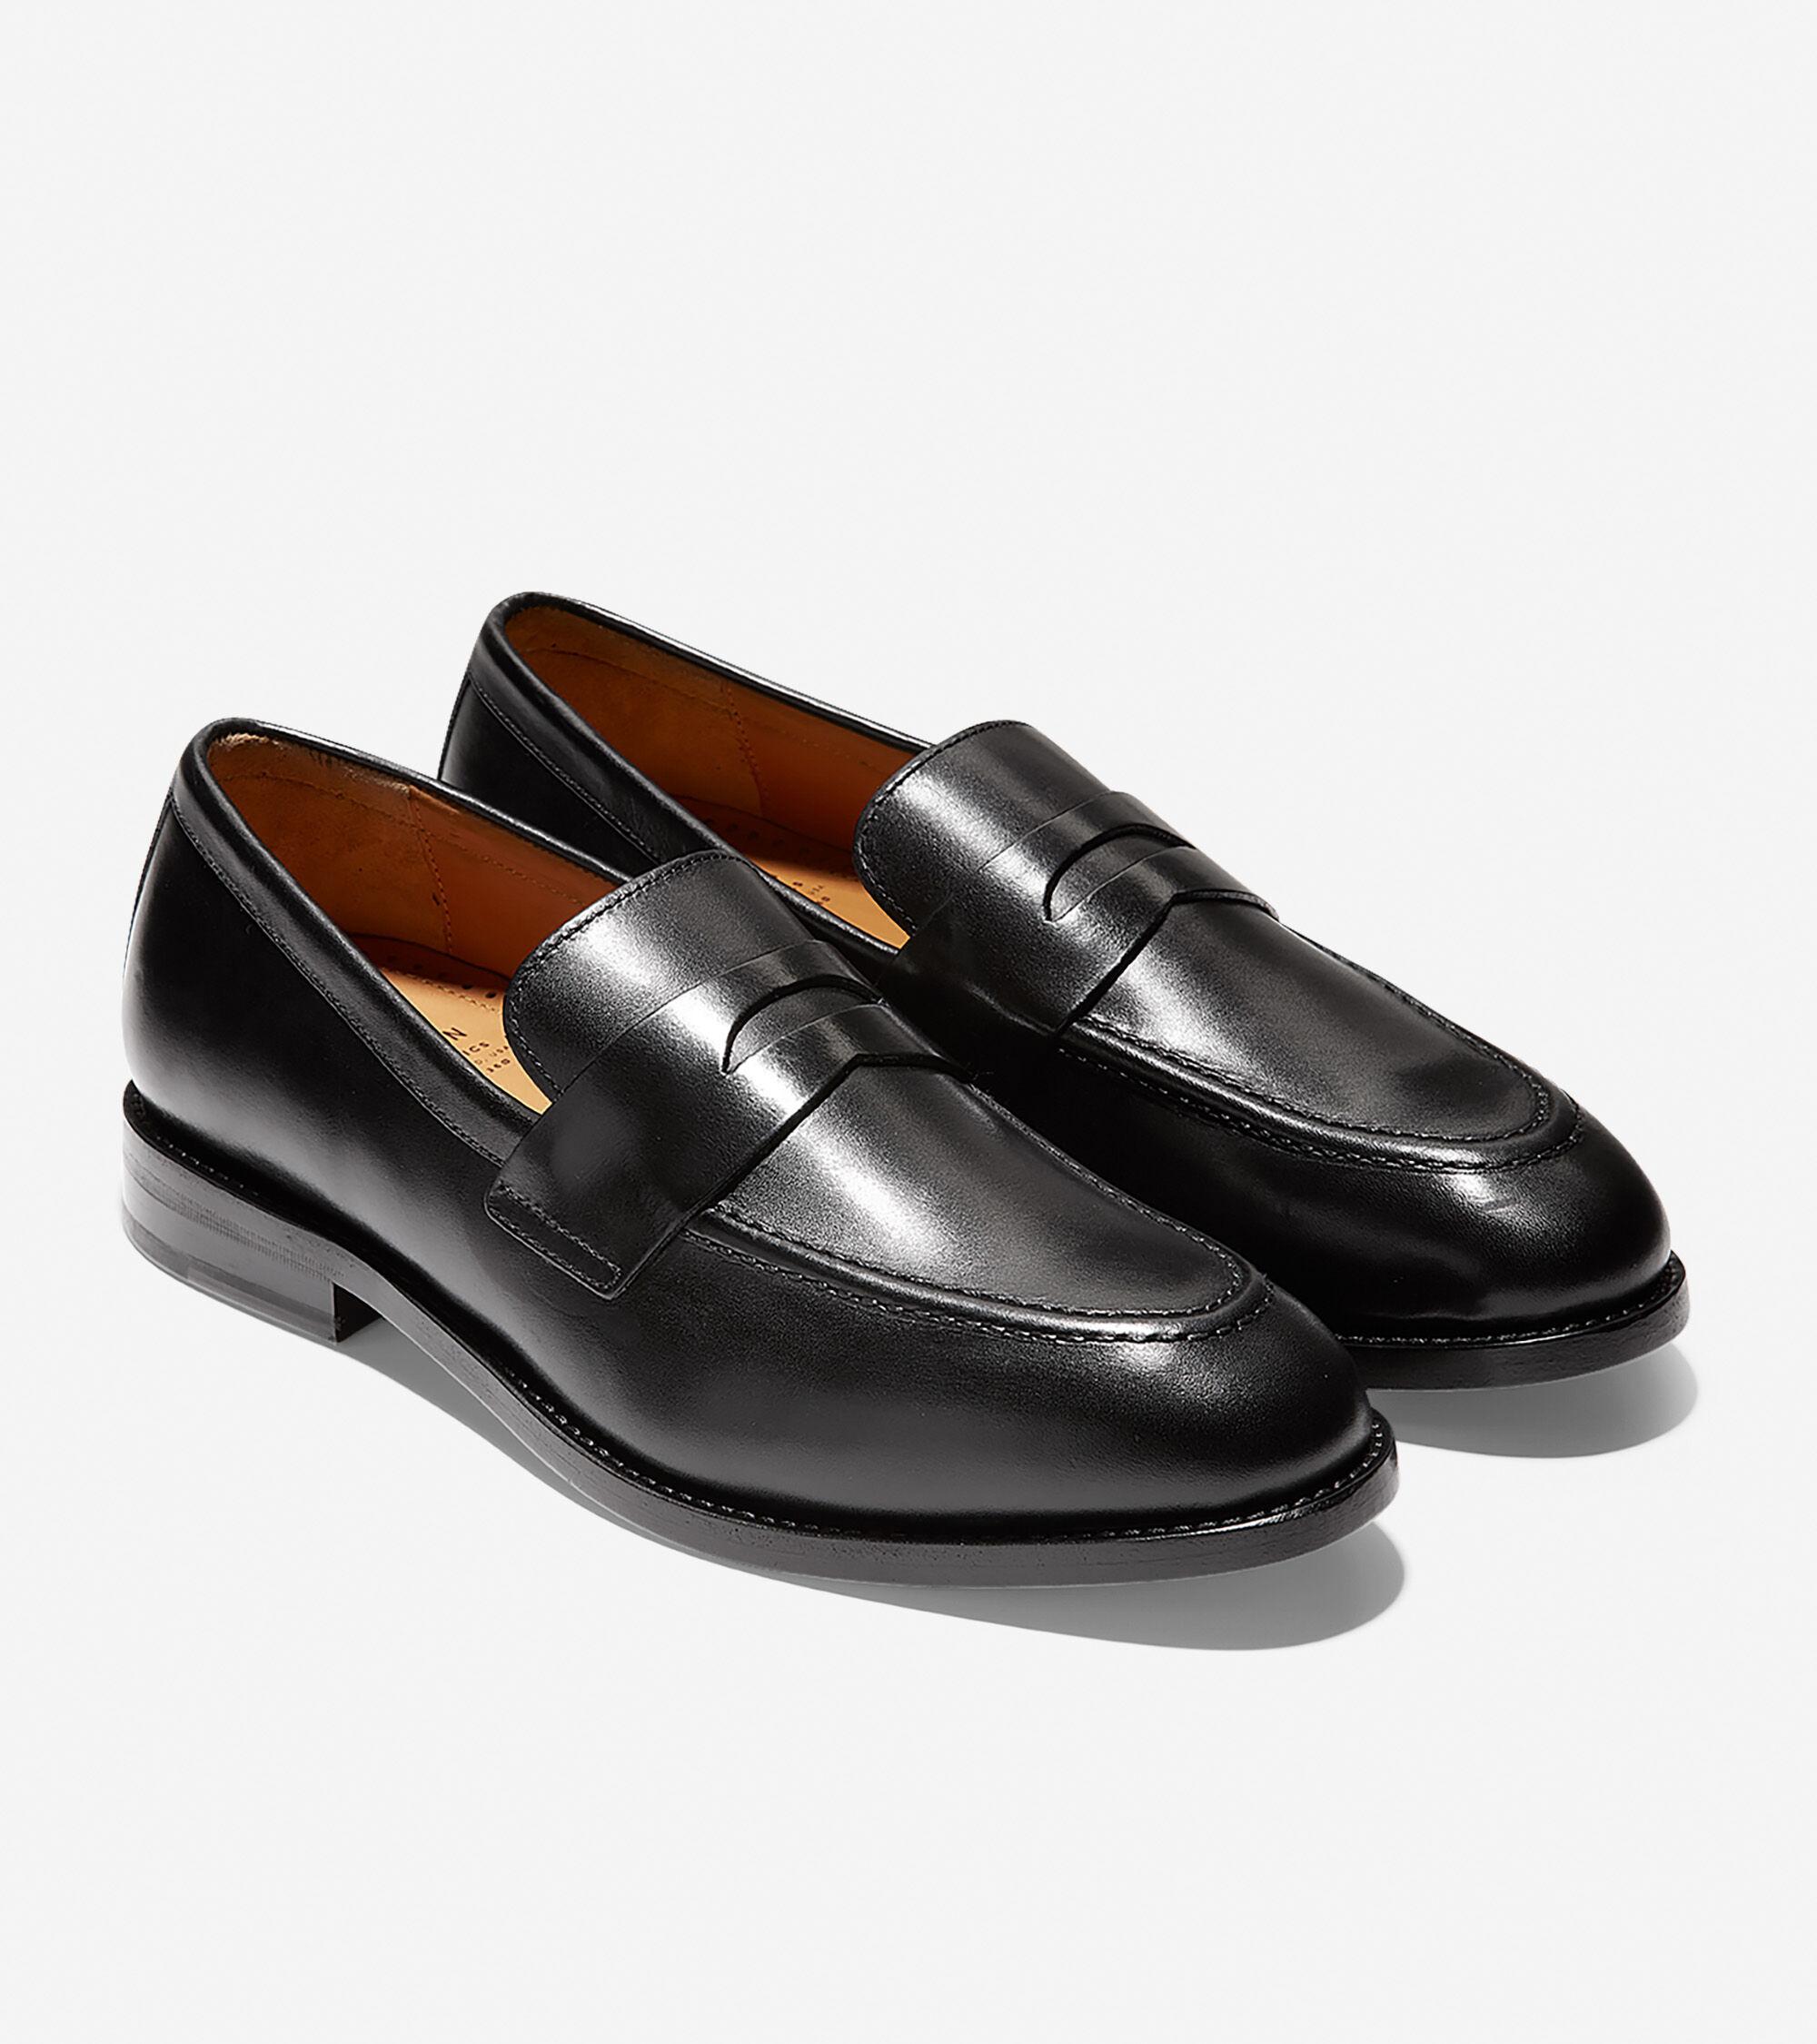 Men's Kneeland Penny Loafers in Black | Cole Haan